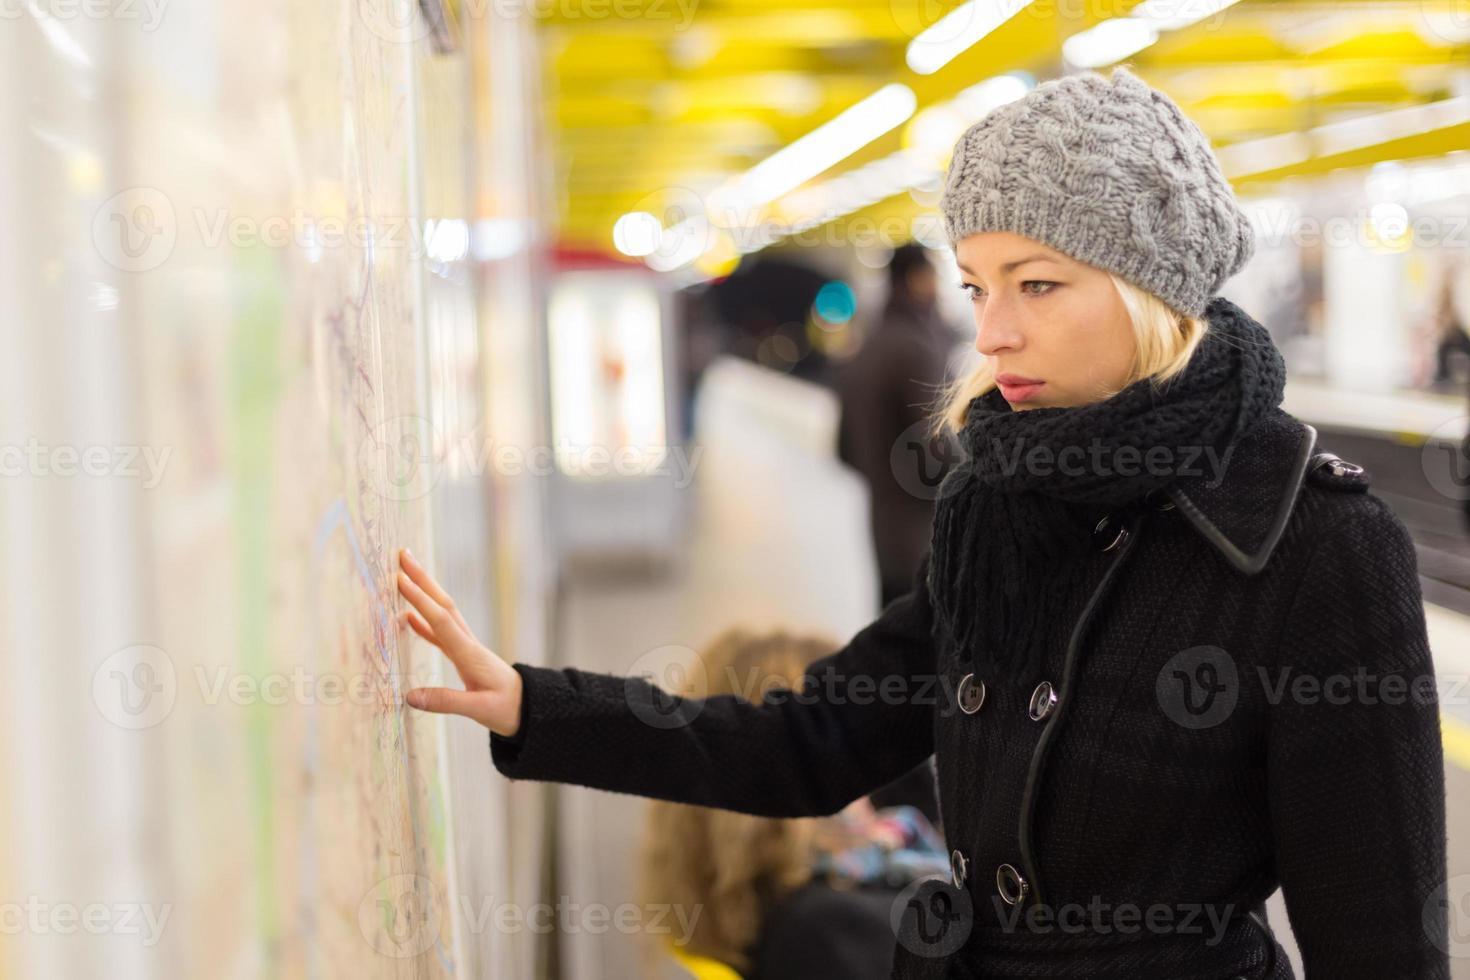 signora cerca sul pannello della mappa dei trasporti pubblici. foto